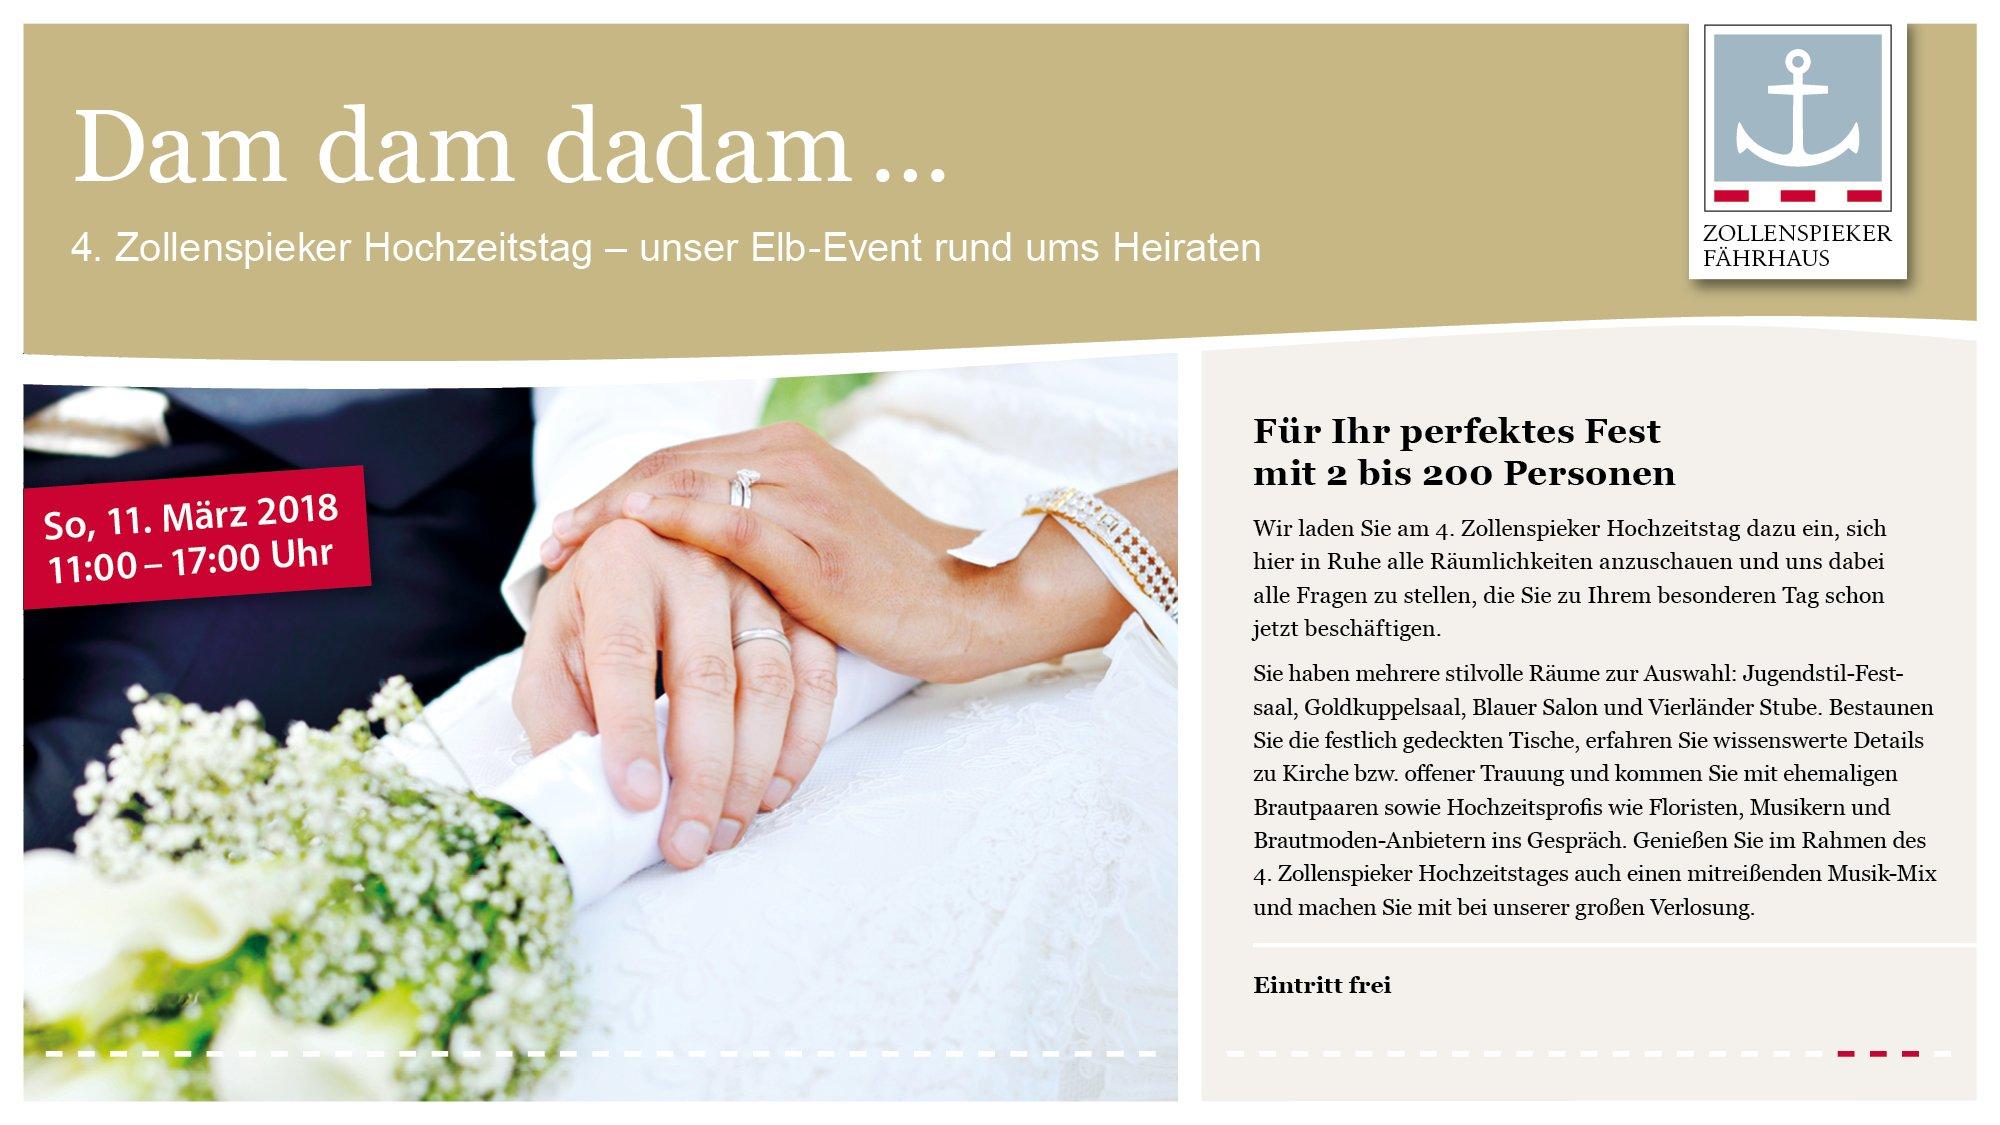 Zollenspieker Hochzeitstag in Hamburg am 11.03.2018, Zollenspieker ...